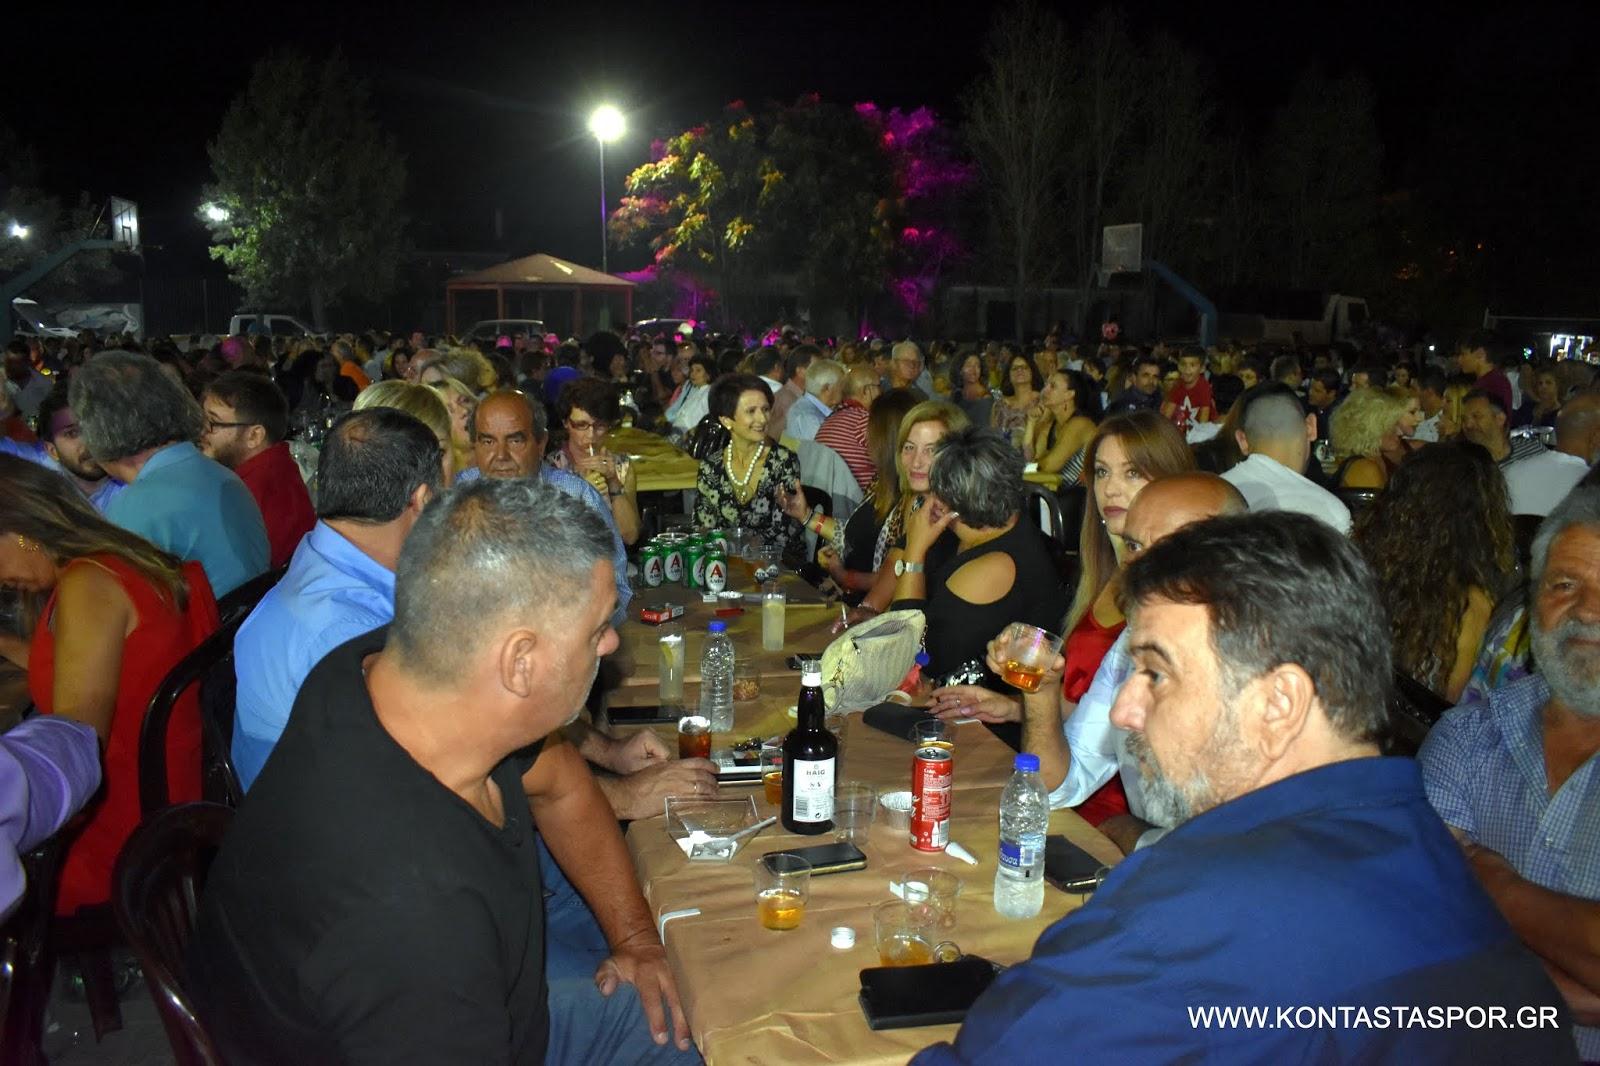 Με επιτυχία η λαική βραδιά  Αδαμαντίδη στα Ψαχνά (φωτογραφίες) 1 DSC 0023